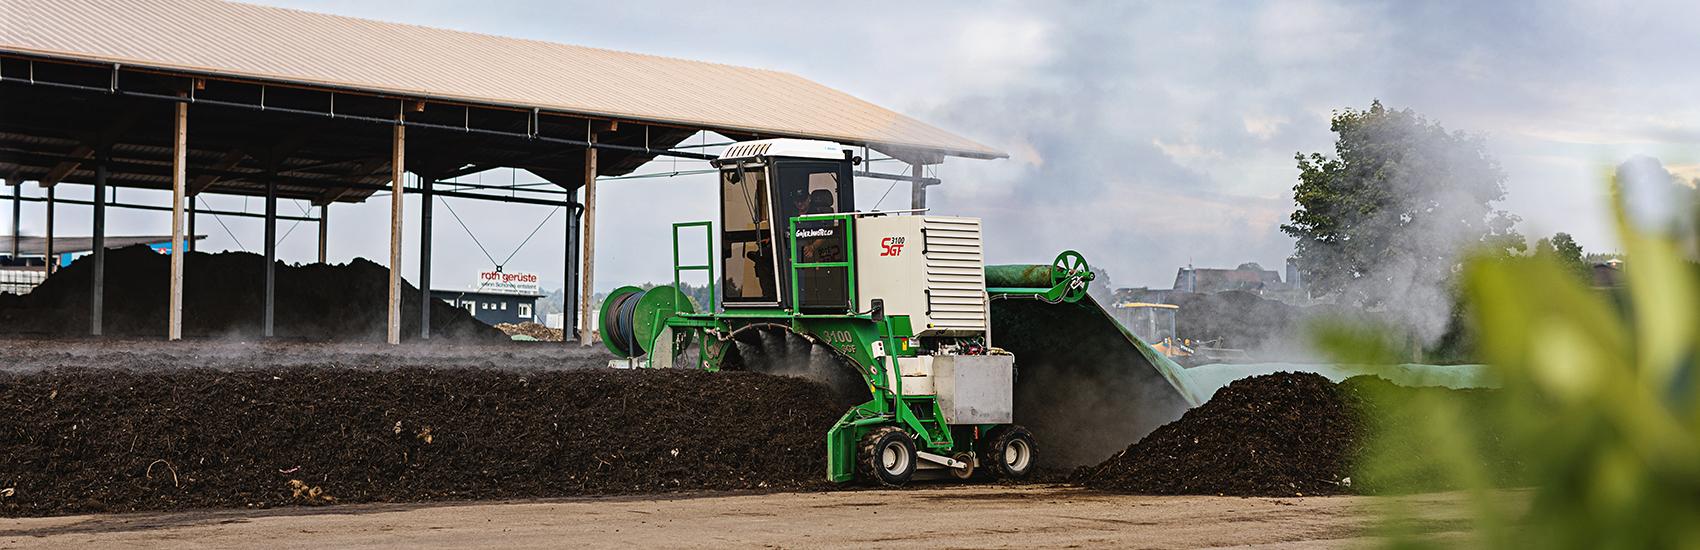 Firmengelände der Qualikomp AG in Emmen, wenden der Kompostmiten auf dem Areal – Qualitätskompost entsteht